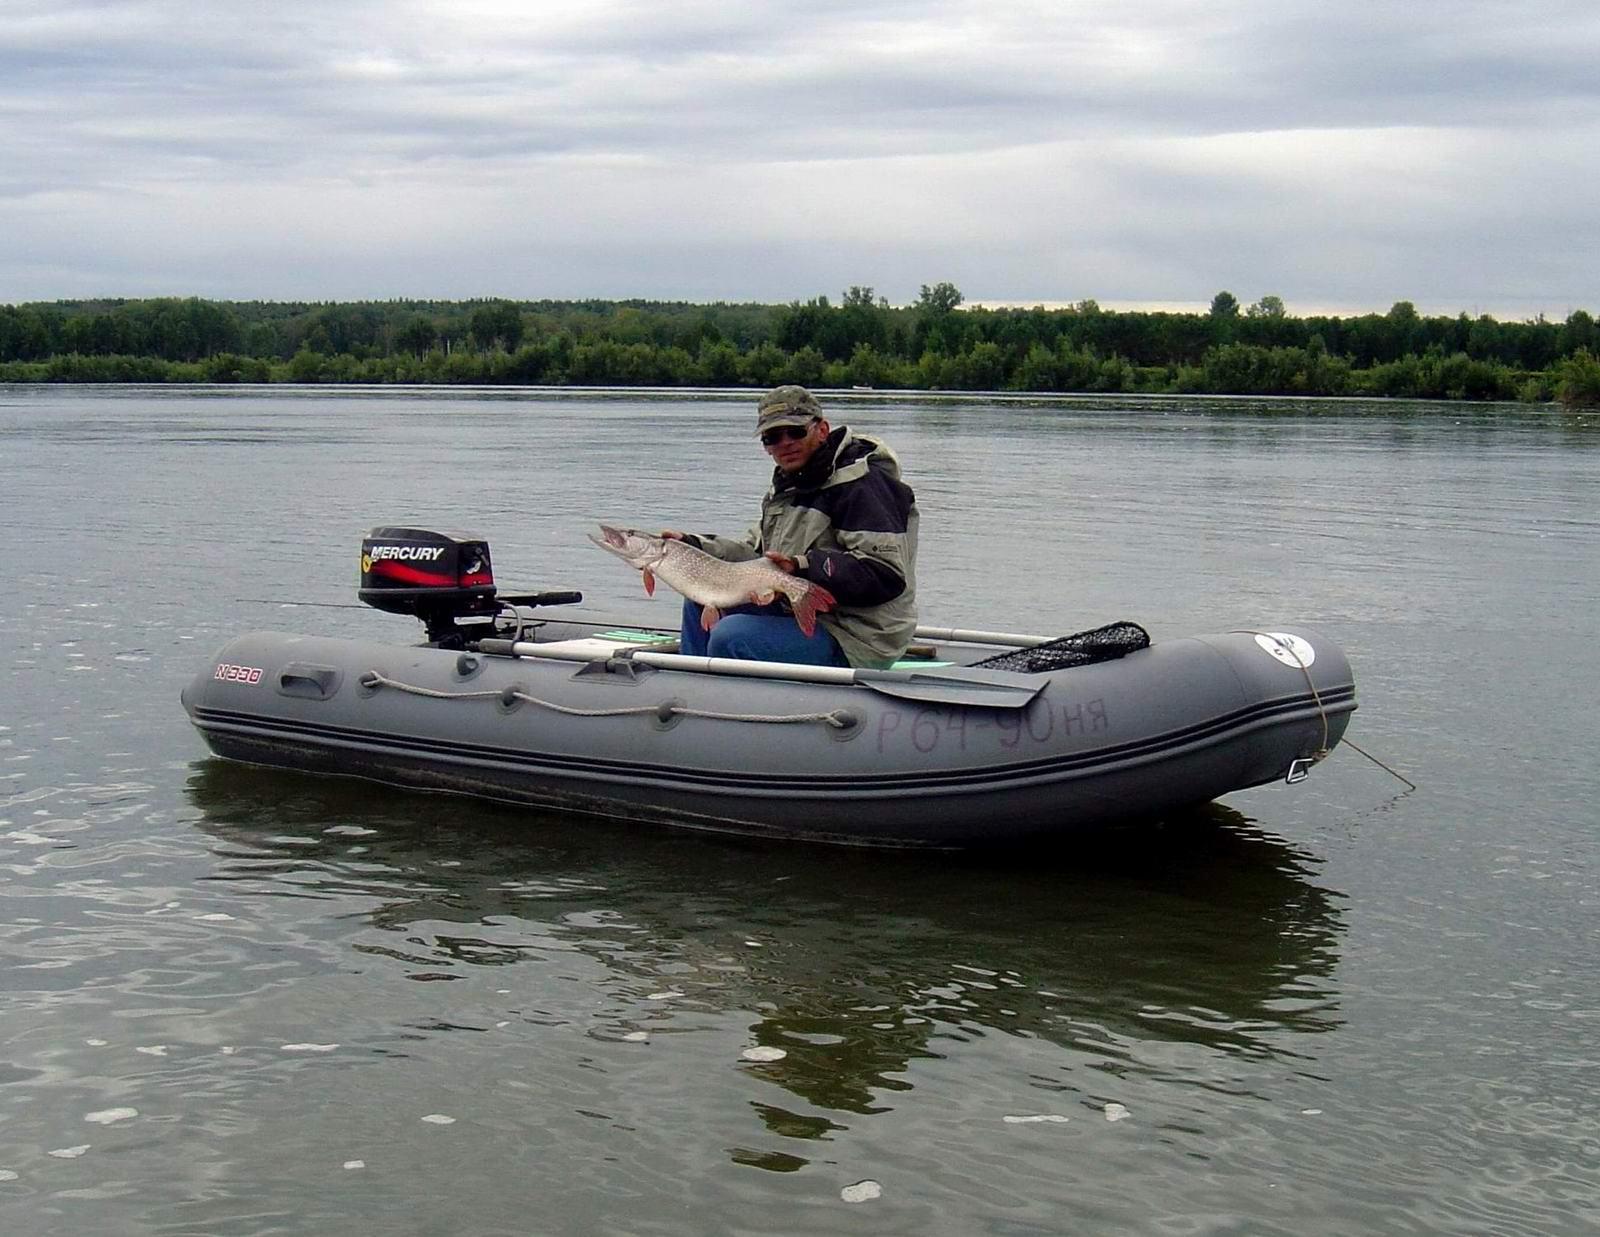 Река Обь. Лодка Кайман-330. Хазар (Тимофей) с трофейной щукой. Автор P.Ch (Петр).